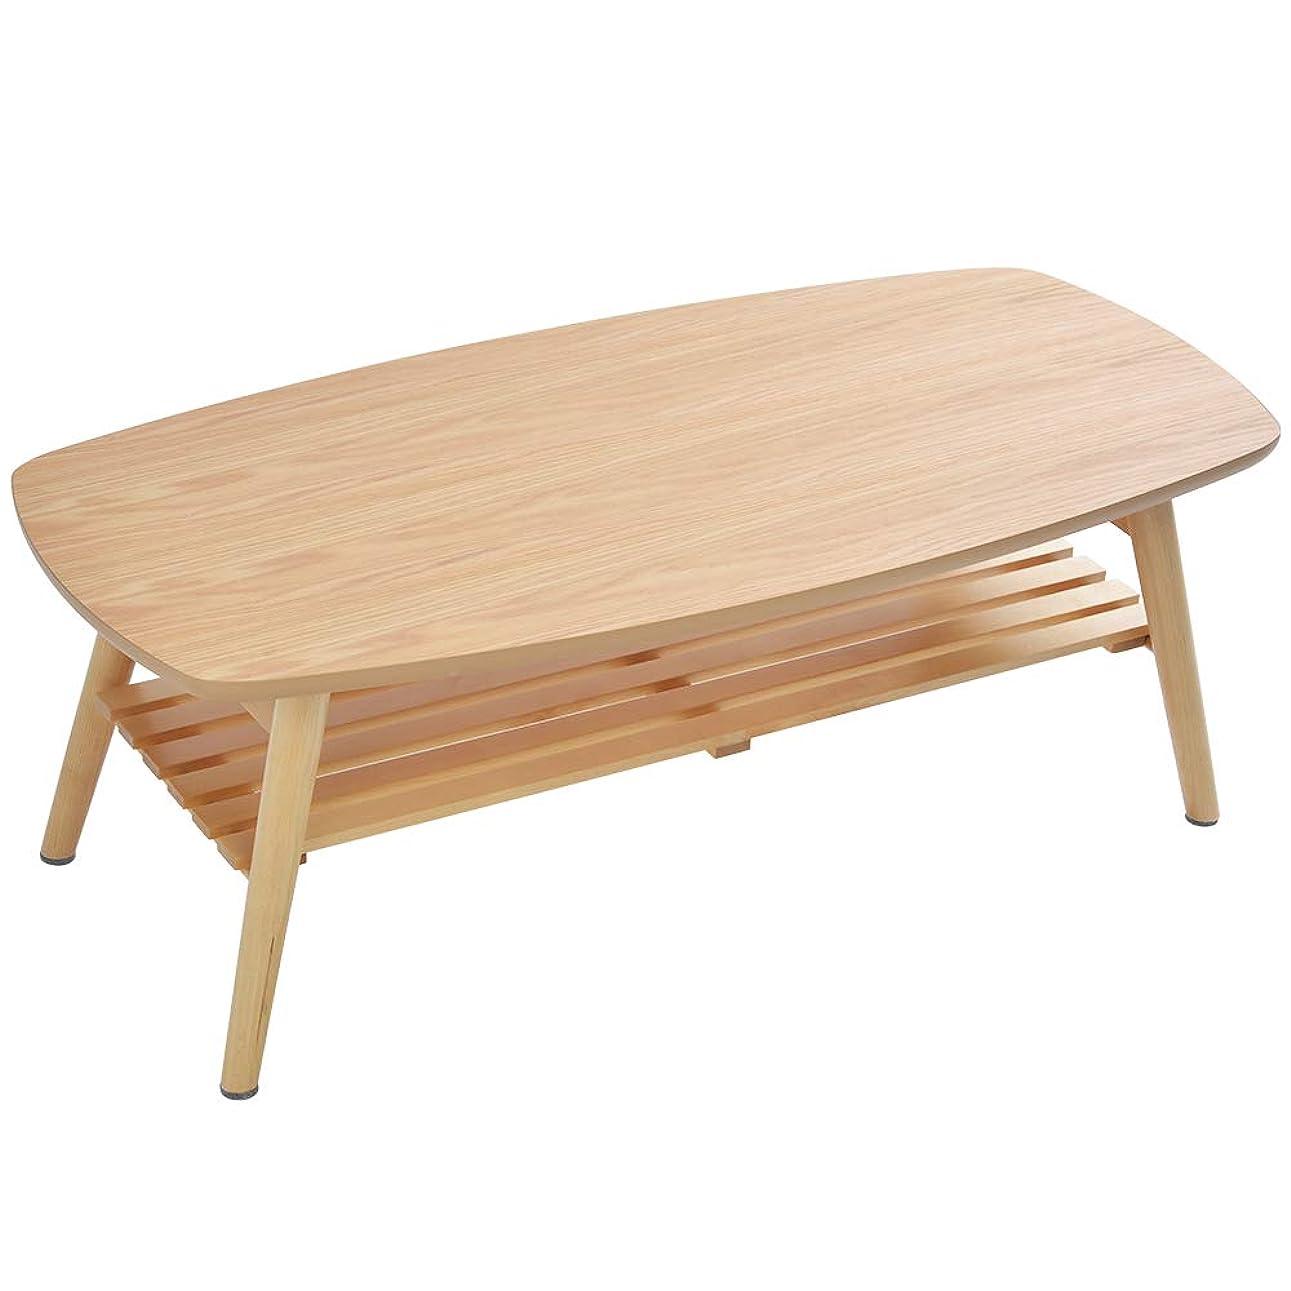 資本動揺させるリールOSJ ローテーブル 折りたたみテーブル コンパクト 木製 棚付き 完成品 軽量 ナチュラル 90×35×31